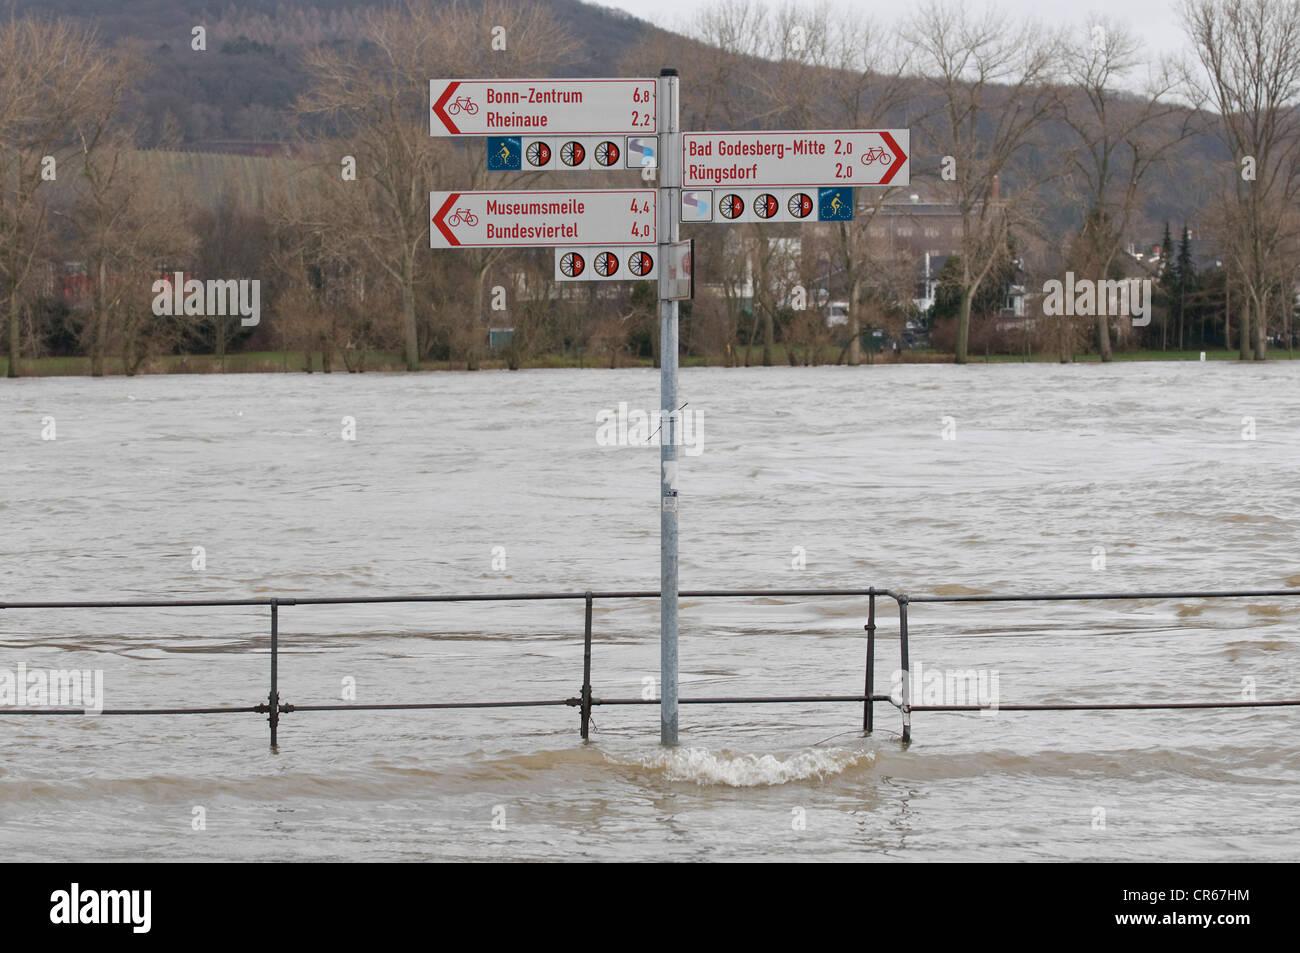 Alta en el agua del río Rin, cerca de Bonn, inundó bicicleta de ruta y paseo marítimo, signo puesto Imagen De Stock